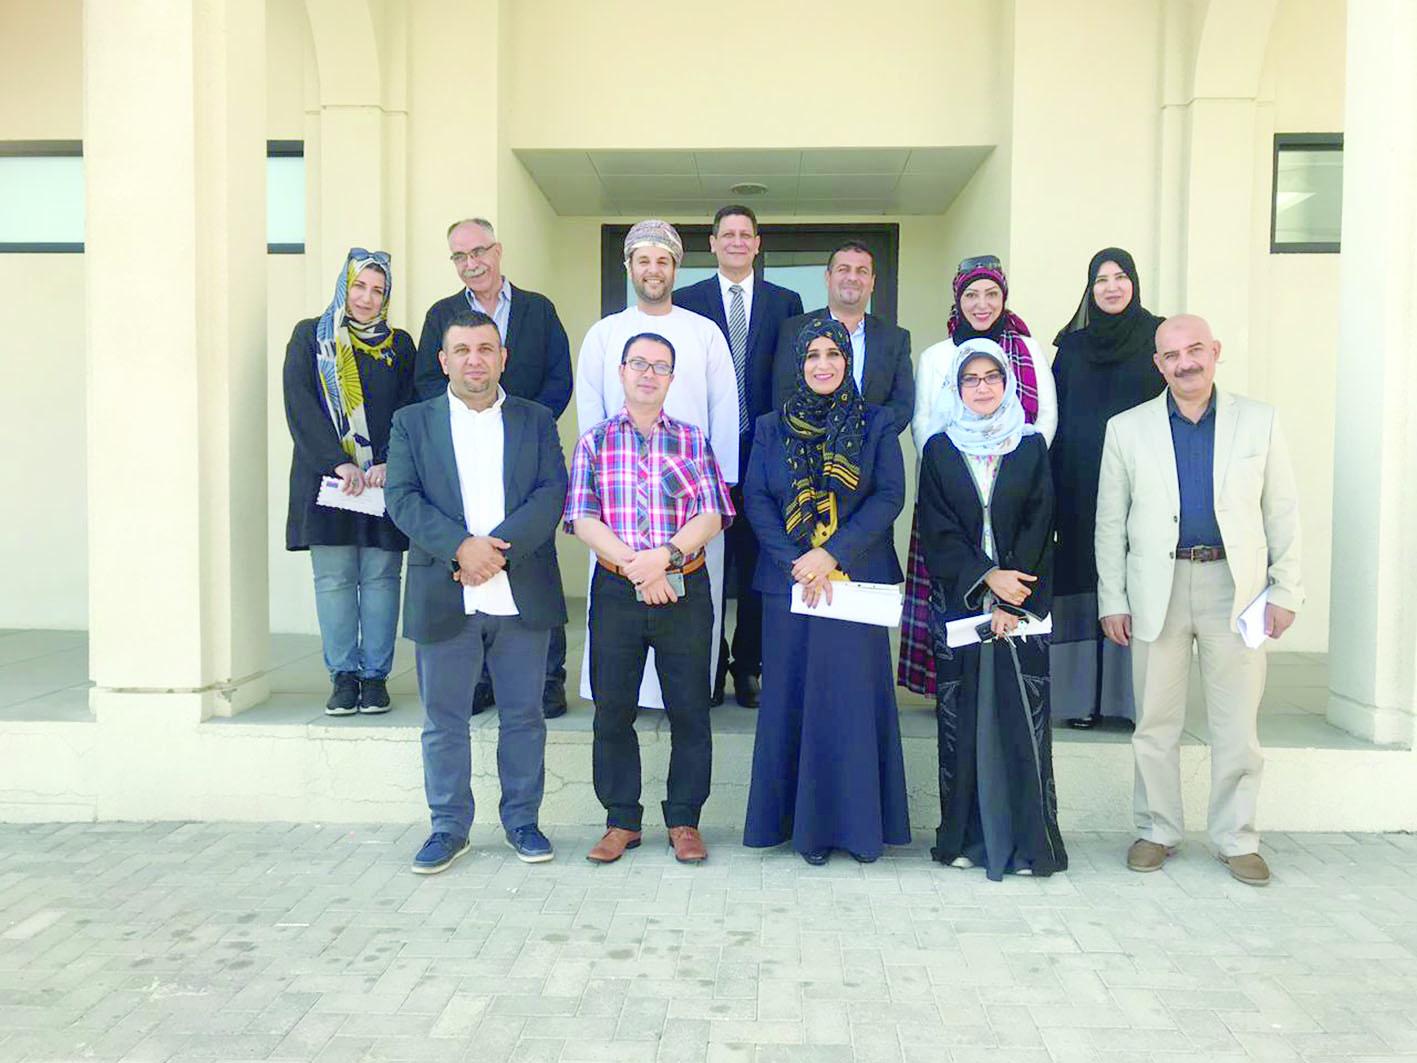 تقييم مشاريع تخرج طلبة التربية الفنية في جامعة السلطان قابوس